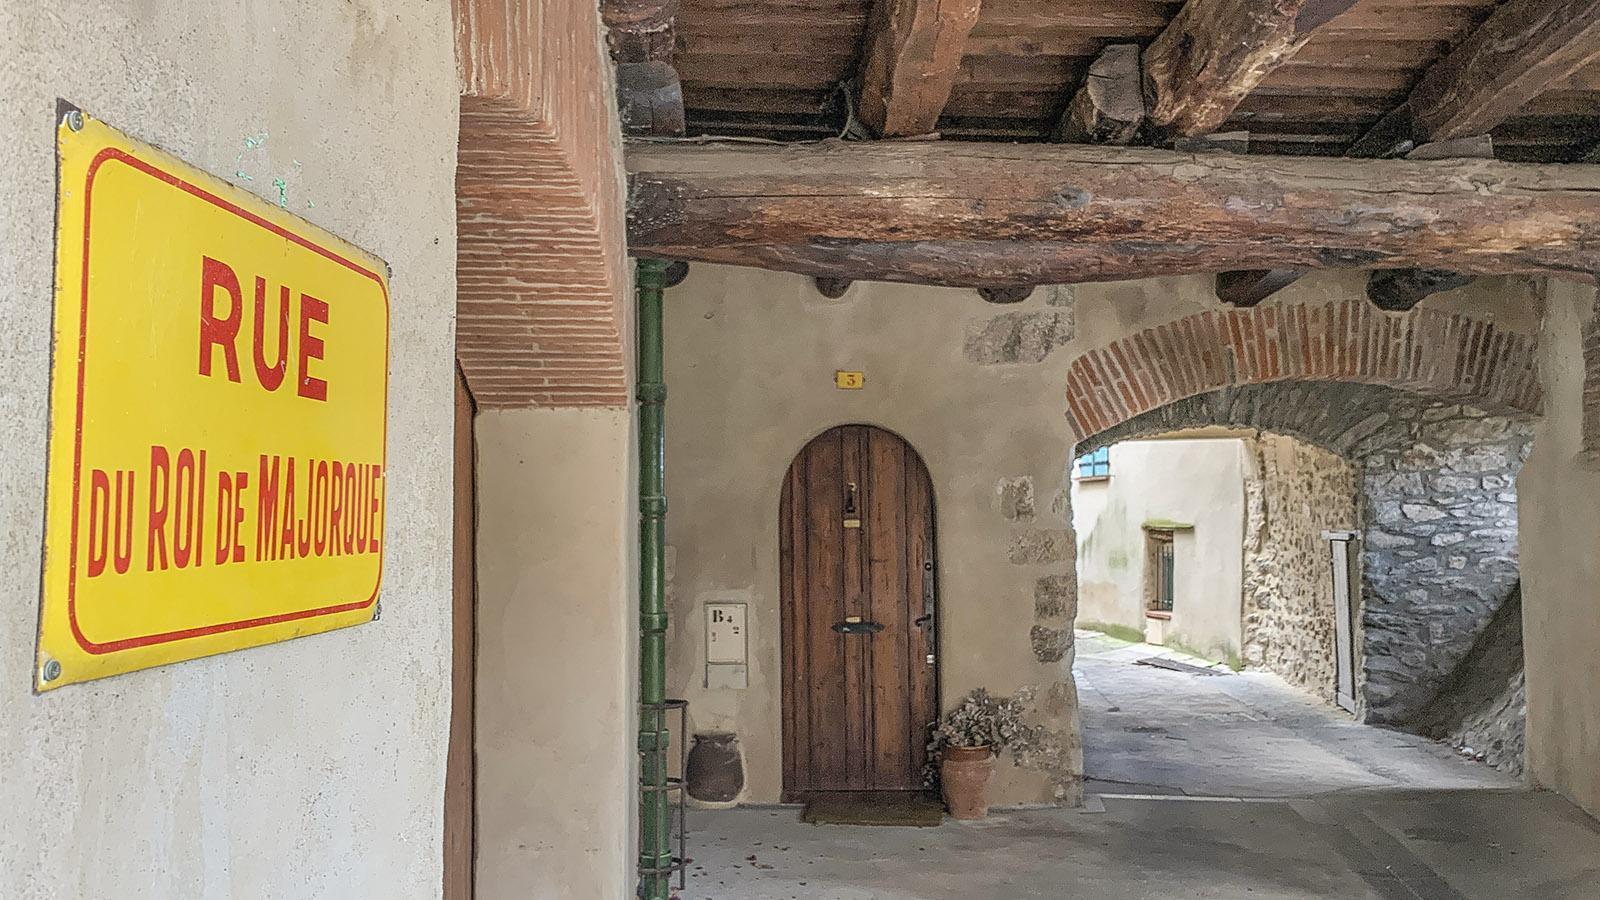 Der Durchgang erinnert in Laroque an den Besuch des ersten Königs von Mallorca. Foto: Hilke Maunder